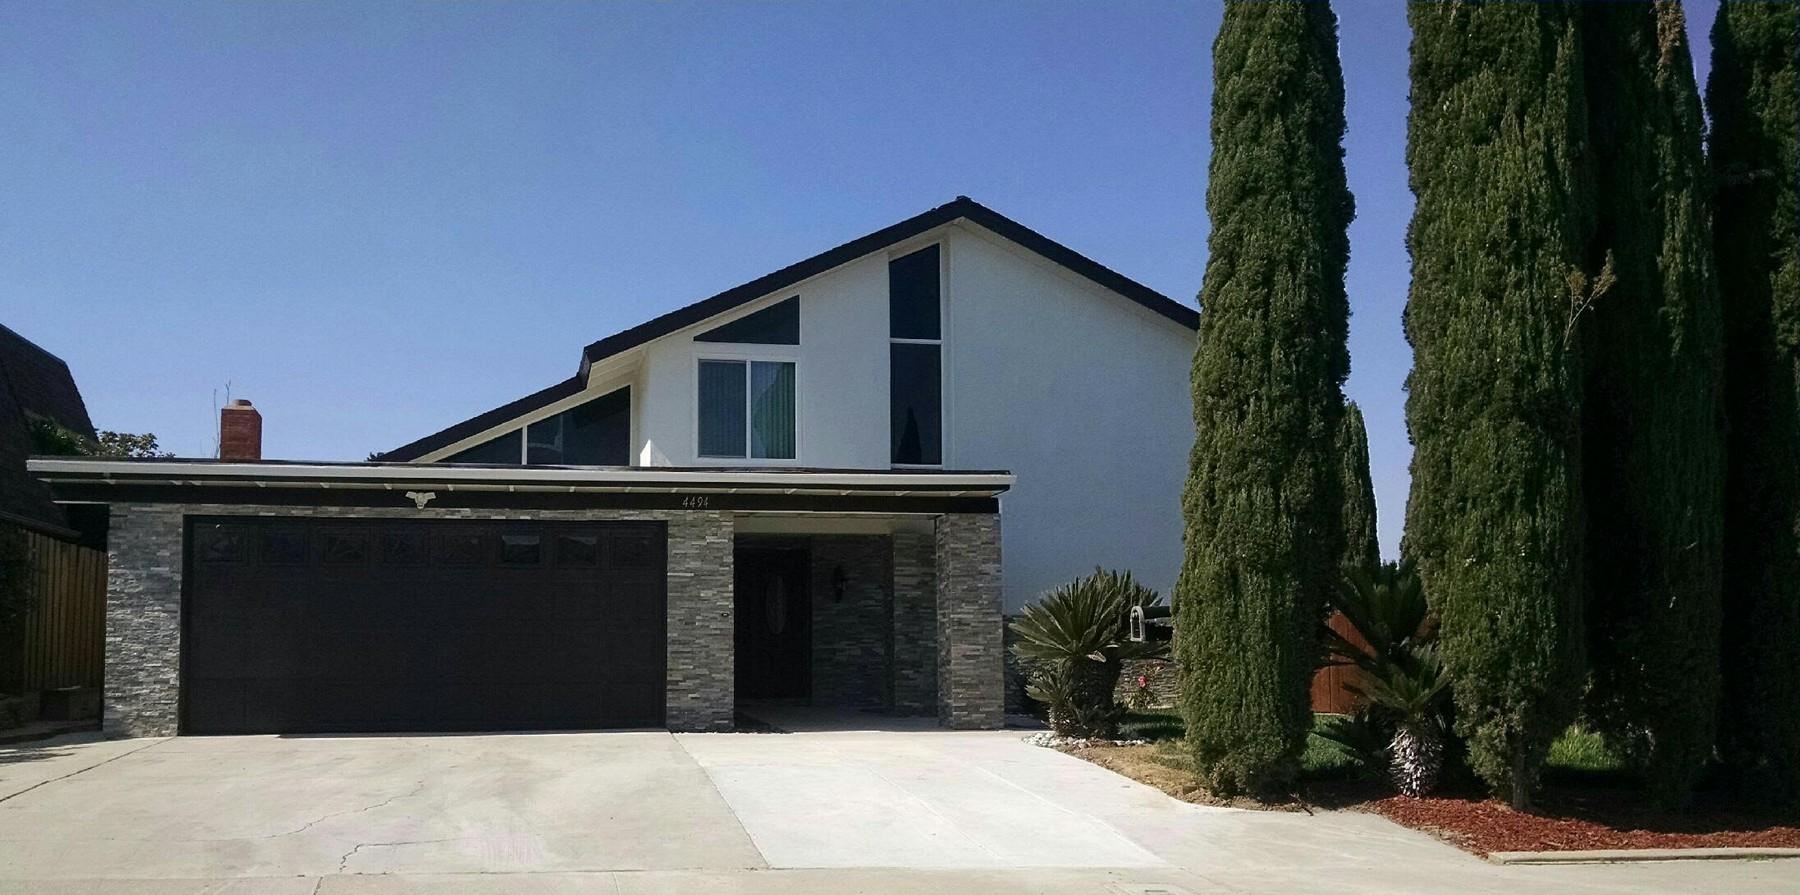 独户住宅 为 销售 在 4494 Benhurst Ave University City, 圣地亚哥, 加利福尼亚州, 92122 美国